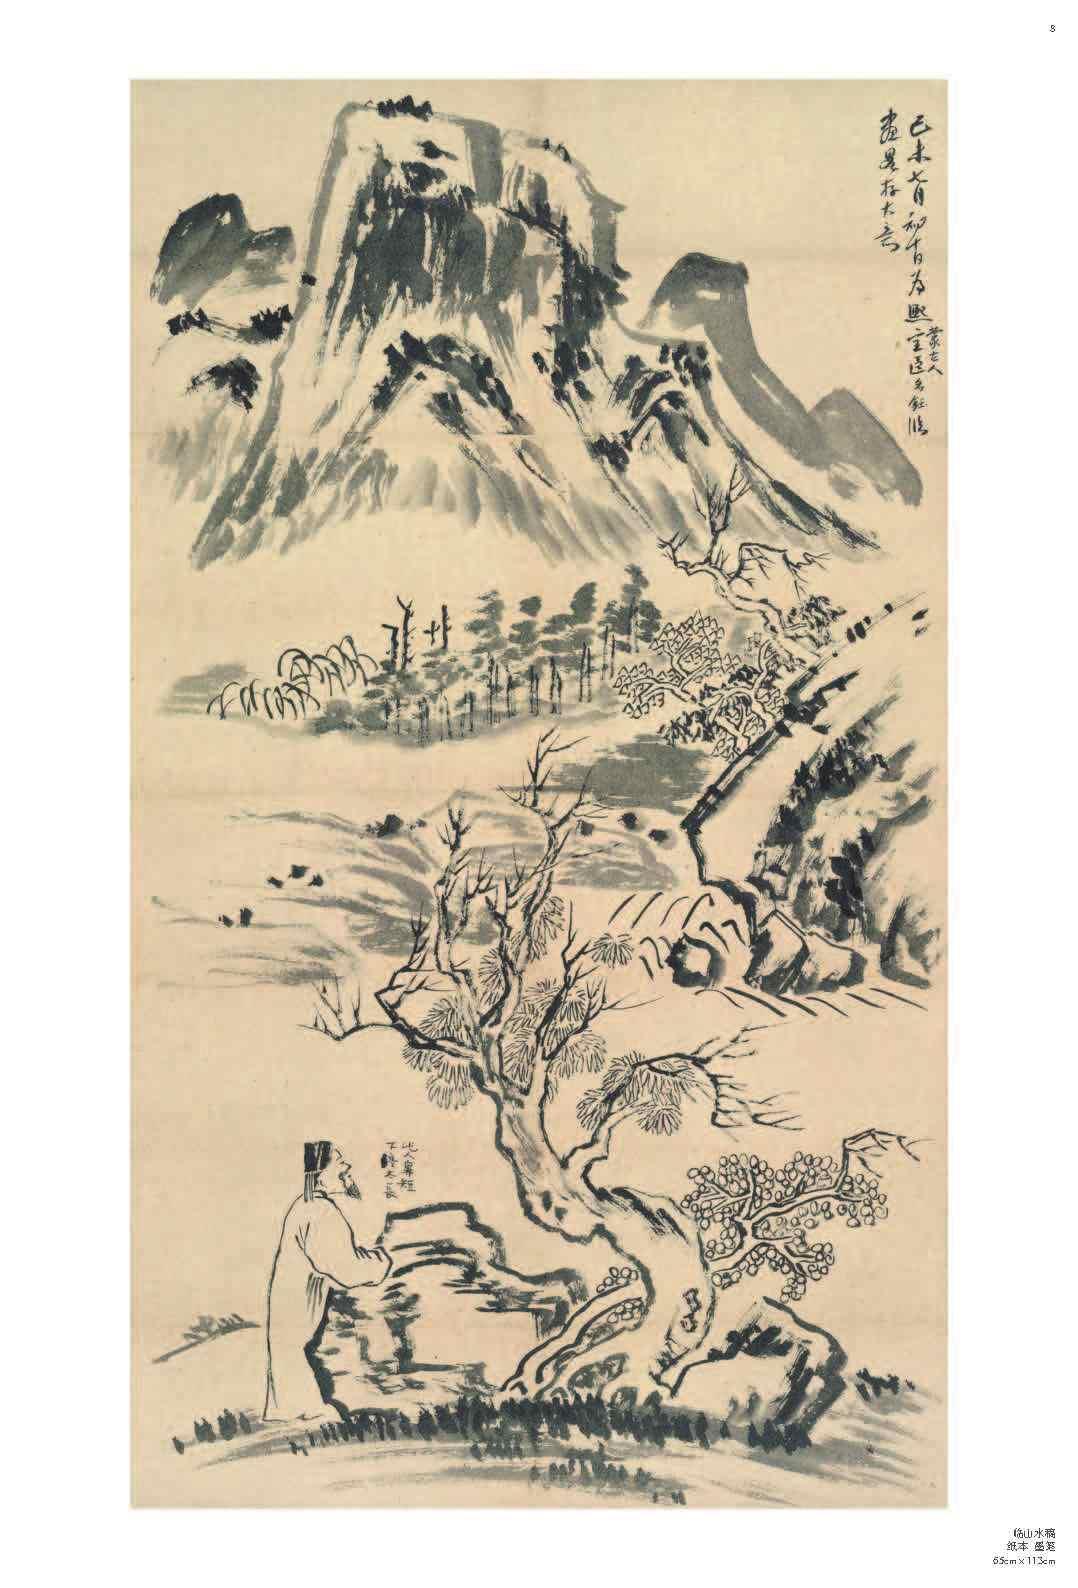 经典绘画临摹范本 齐白石 画稿篇 一